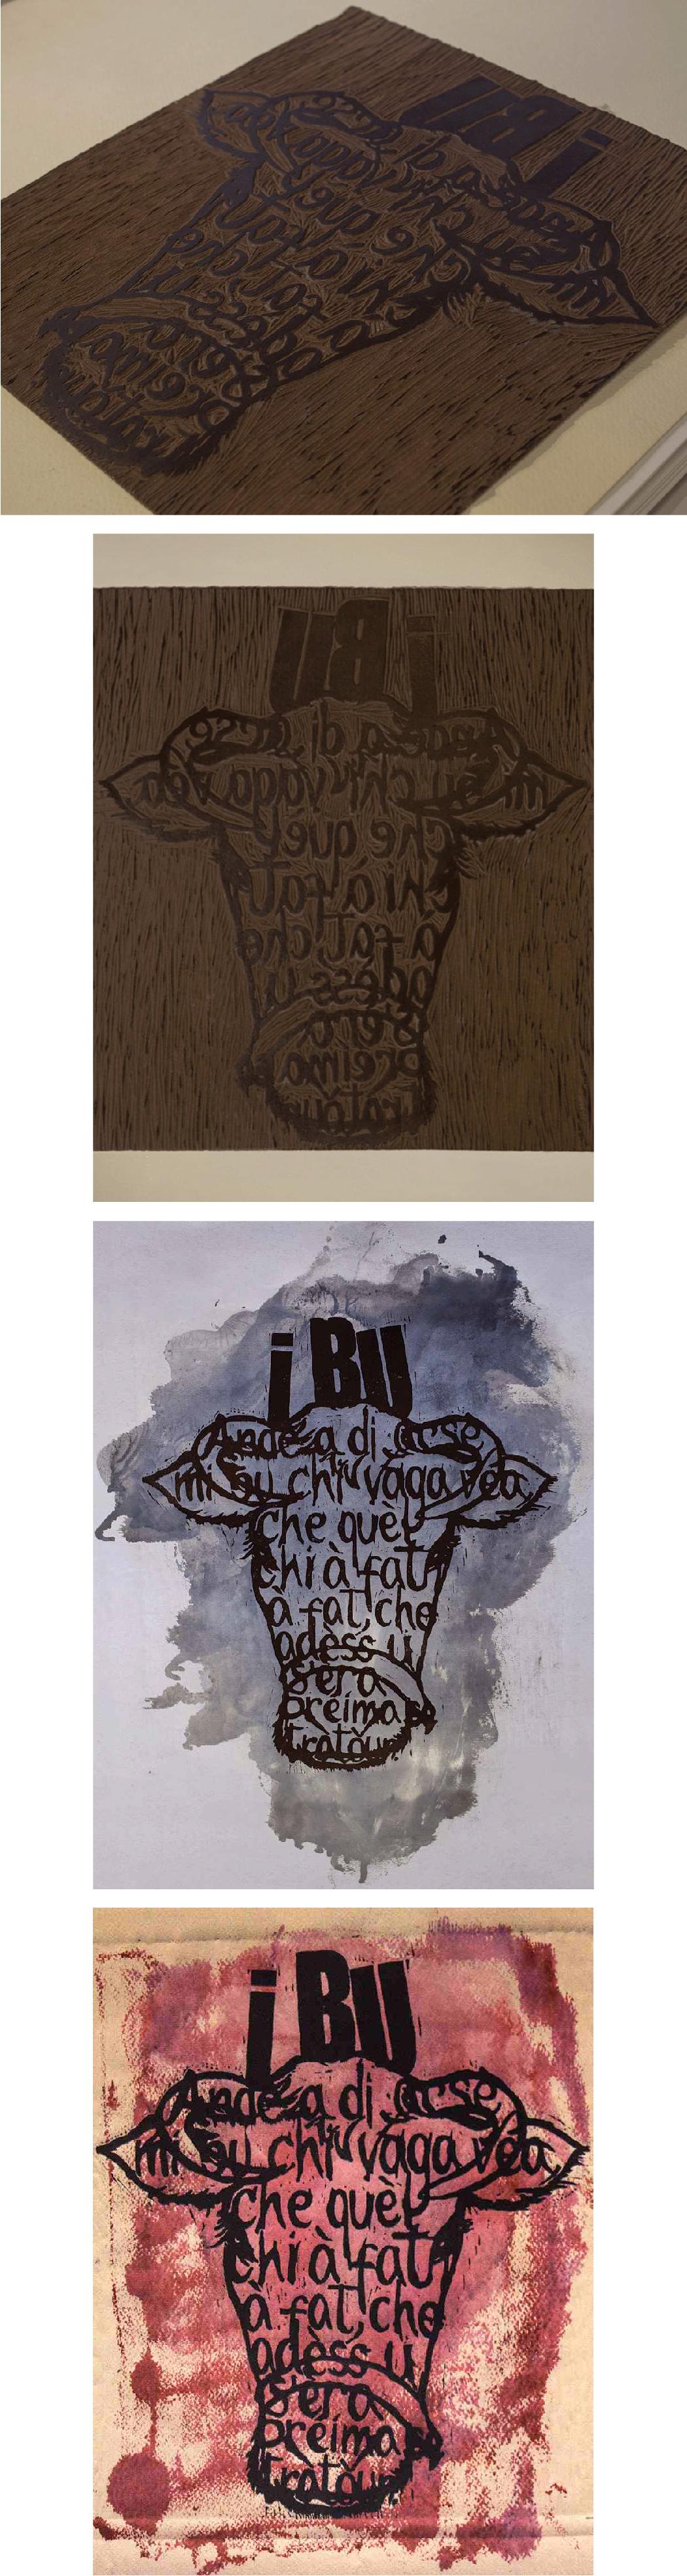 ILLUSTRATION  xilografia incisione print illustrazione stampa linocut printmaking Xilo